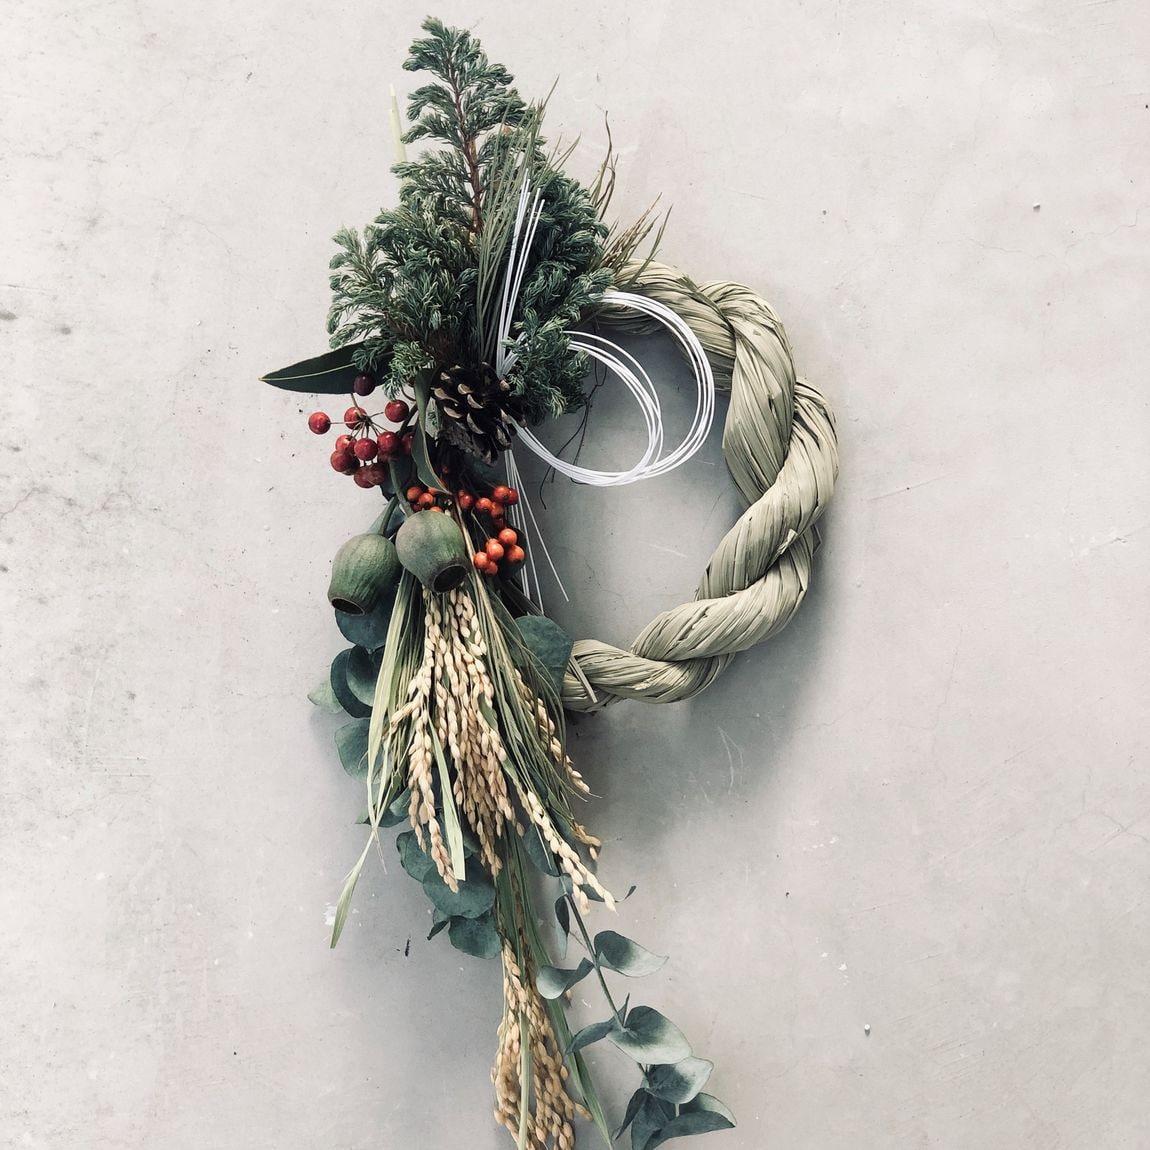 【銀座】お正月飾りを準備しませんか   Open MUJI